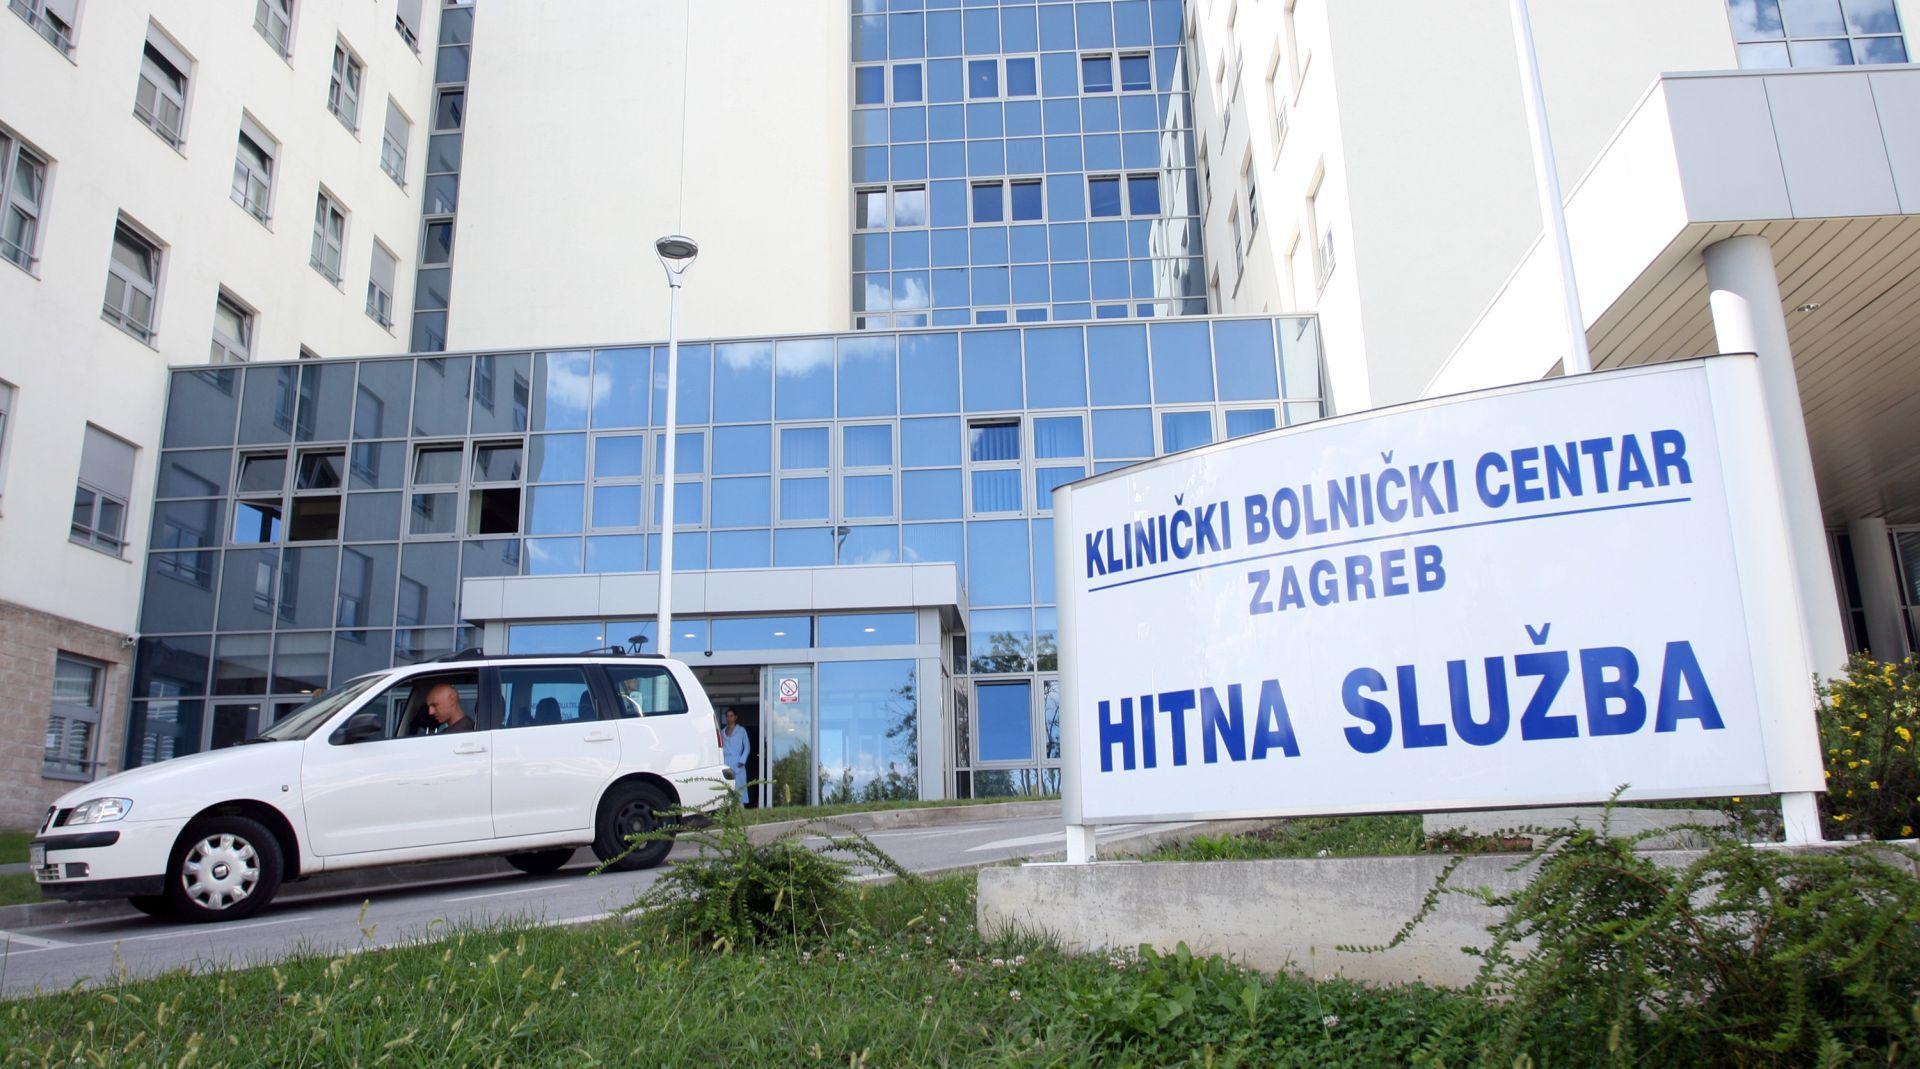 HZZO poziva osiguranike koji su primili račune od KBC-a Zagreb da se hitno jave ako imaju bilo kakve dvojbe